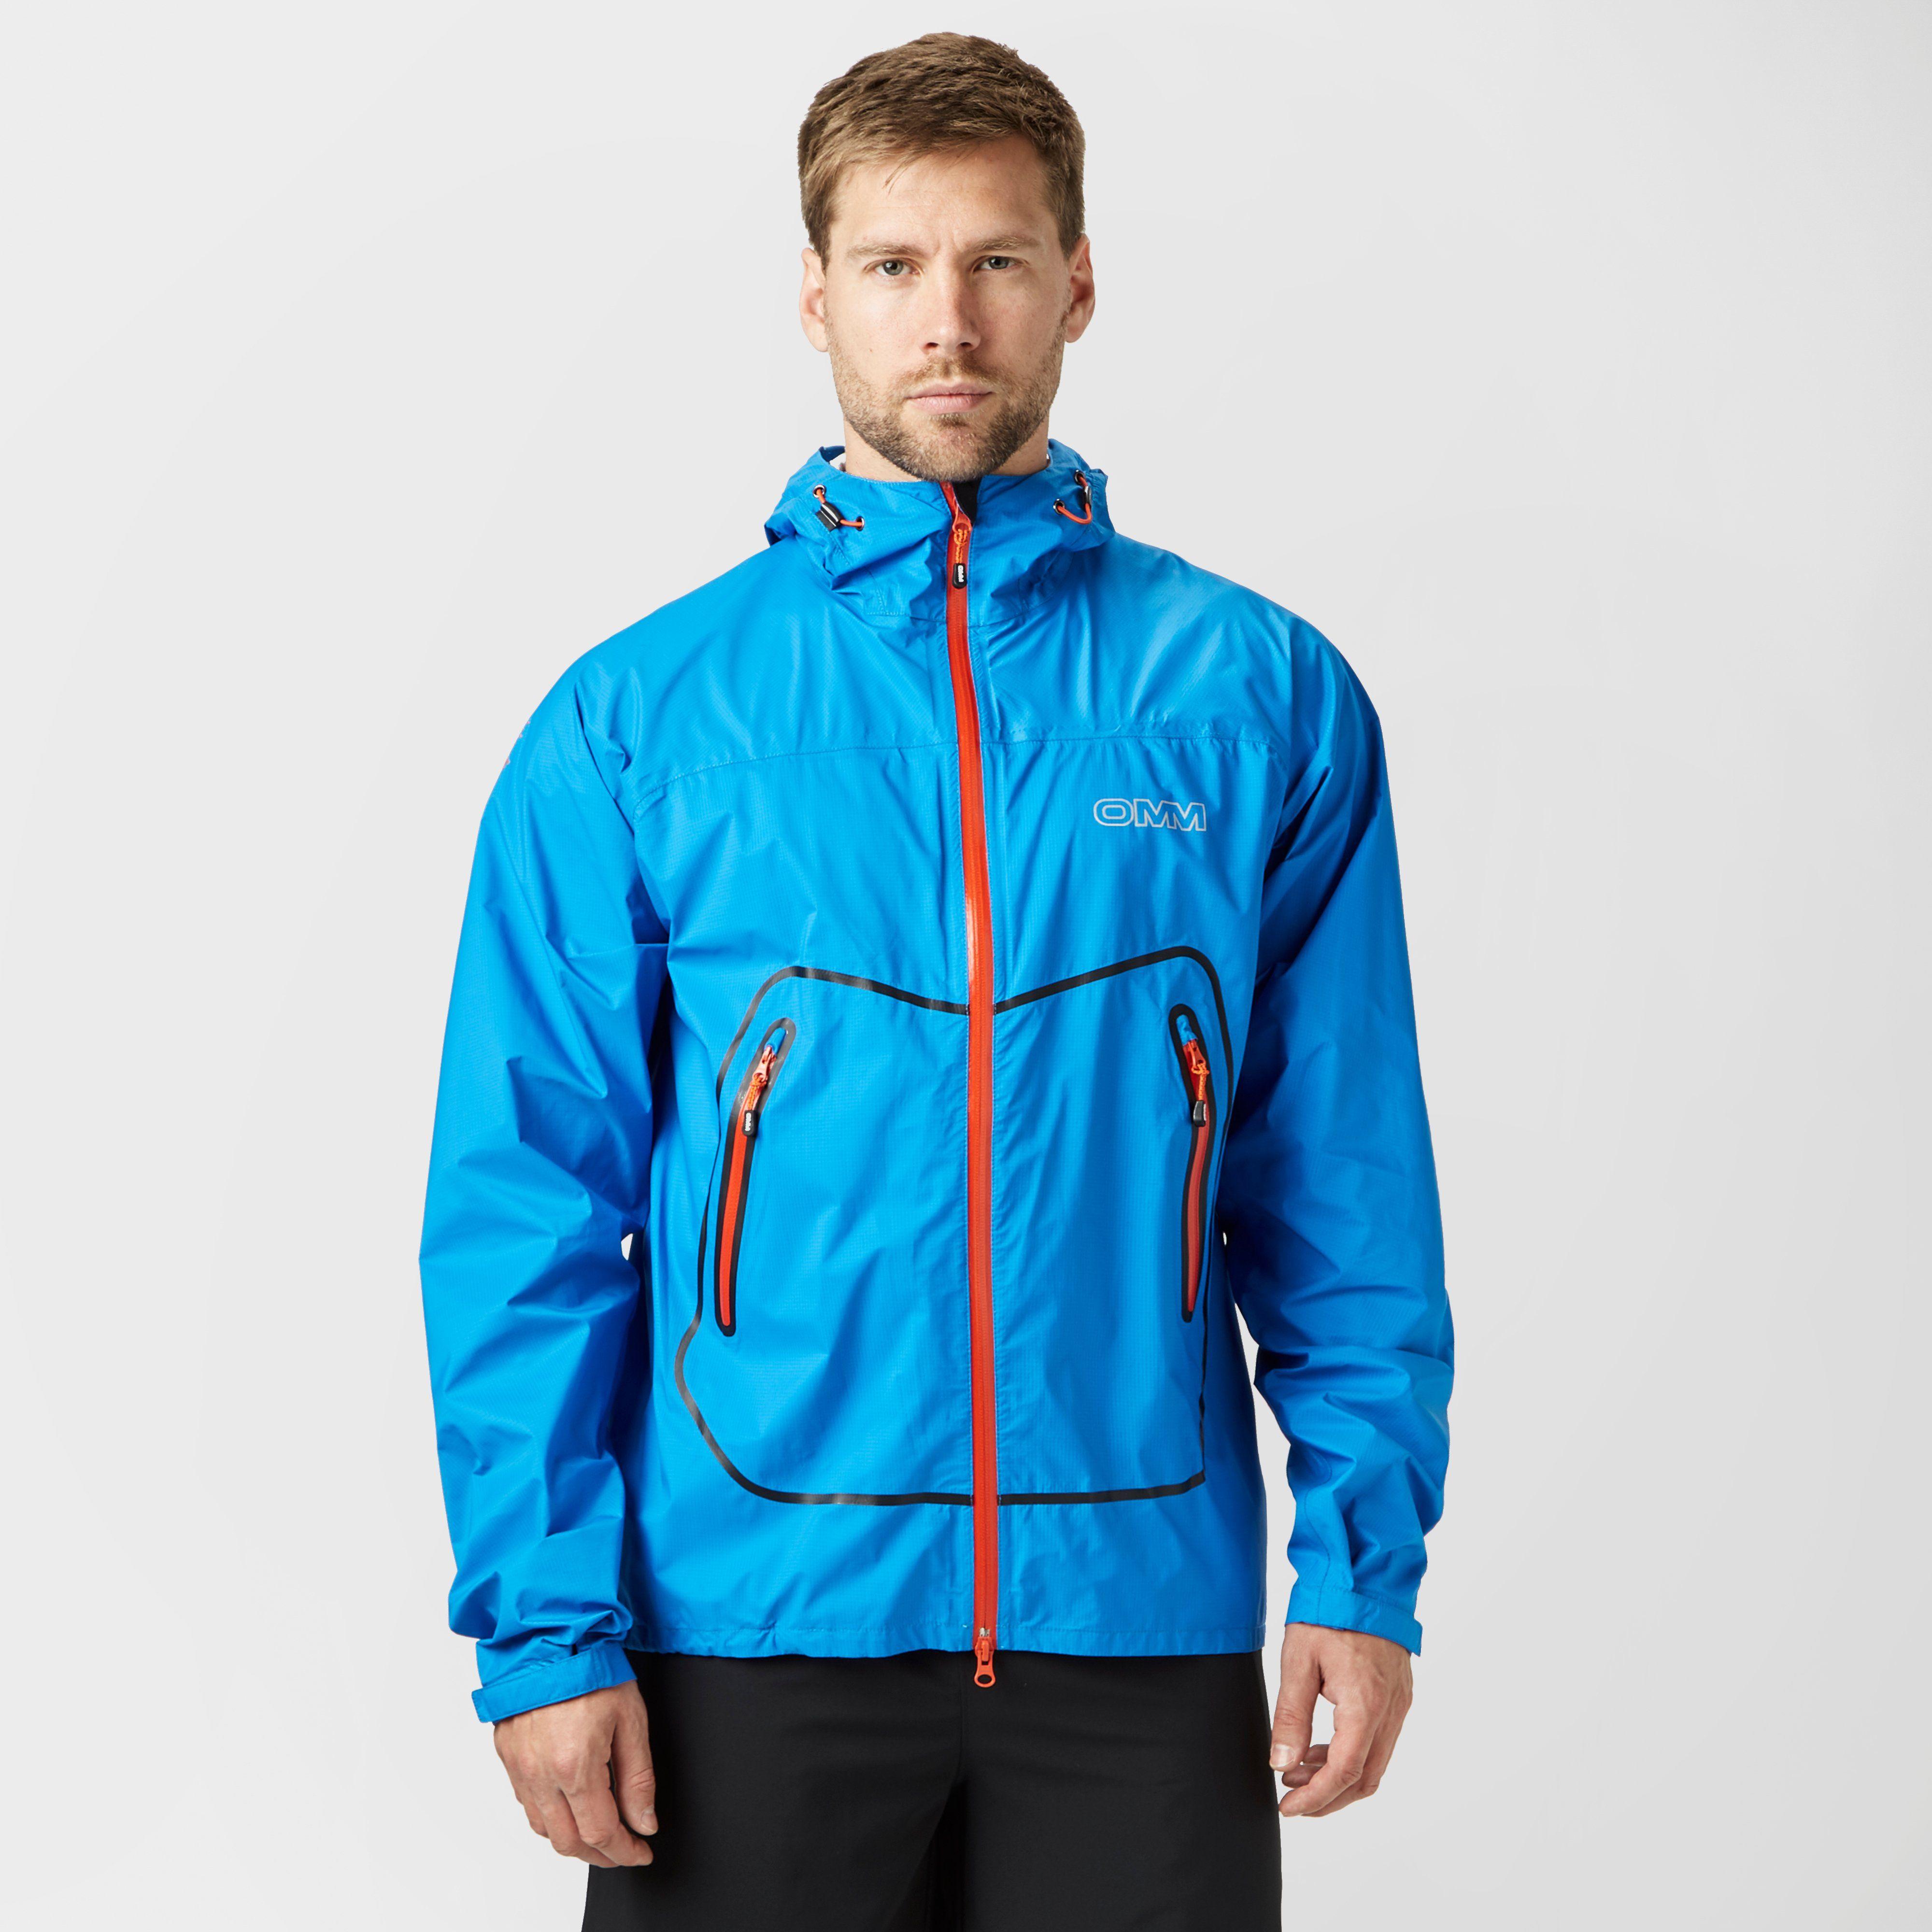 OMM Men's Aether Running Jacket